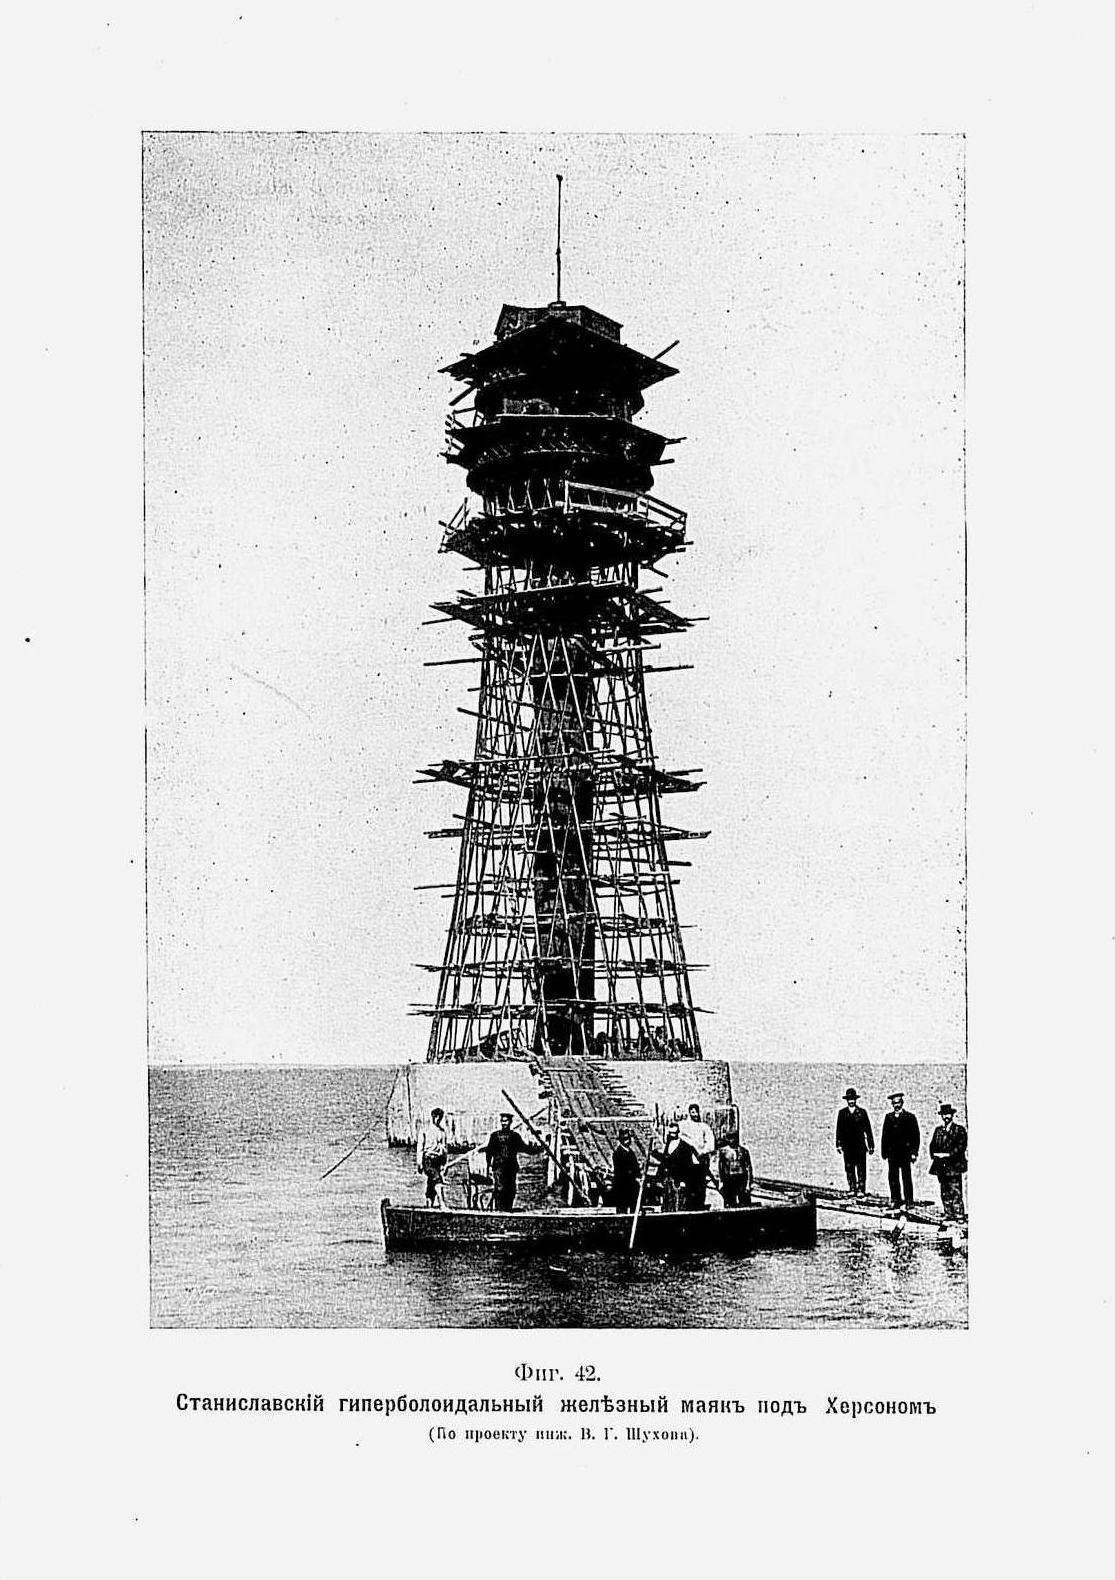 petrov-zheleznye-vodoprovodnye-bashni-1911_Page73.jpg